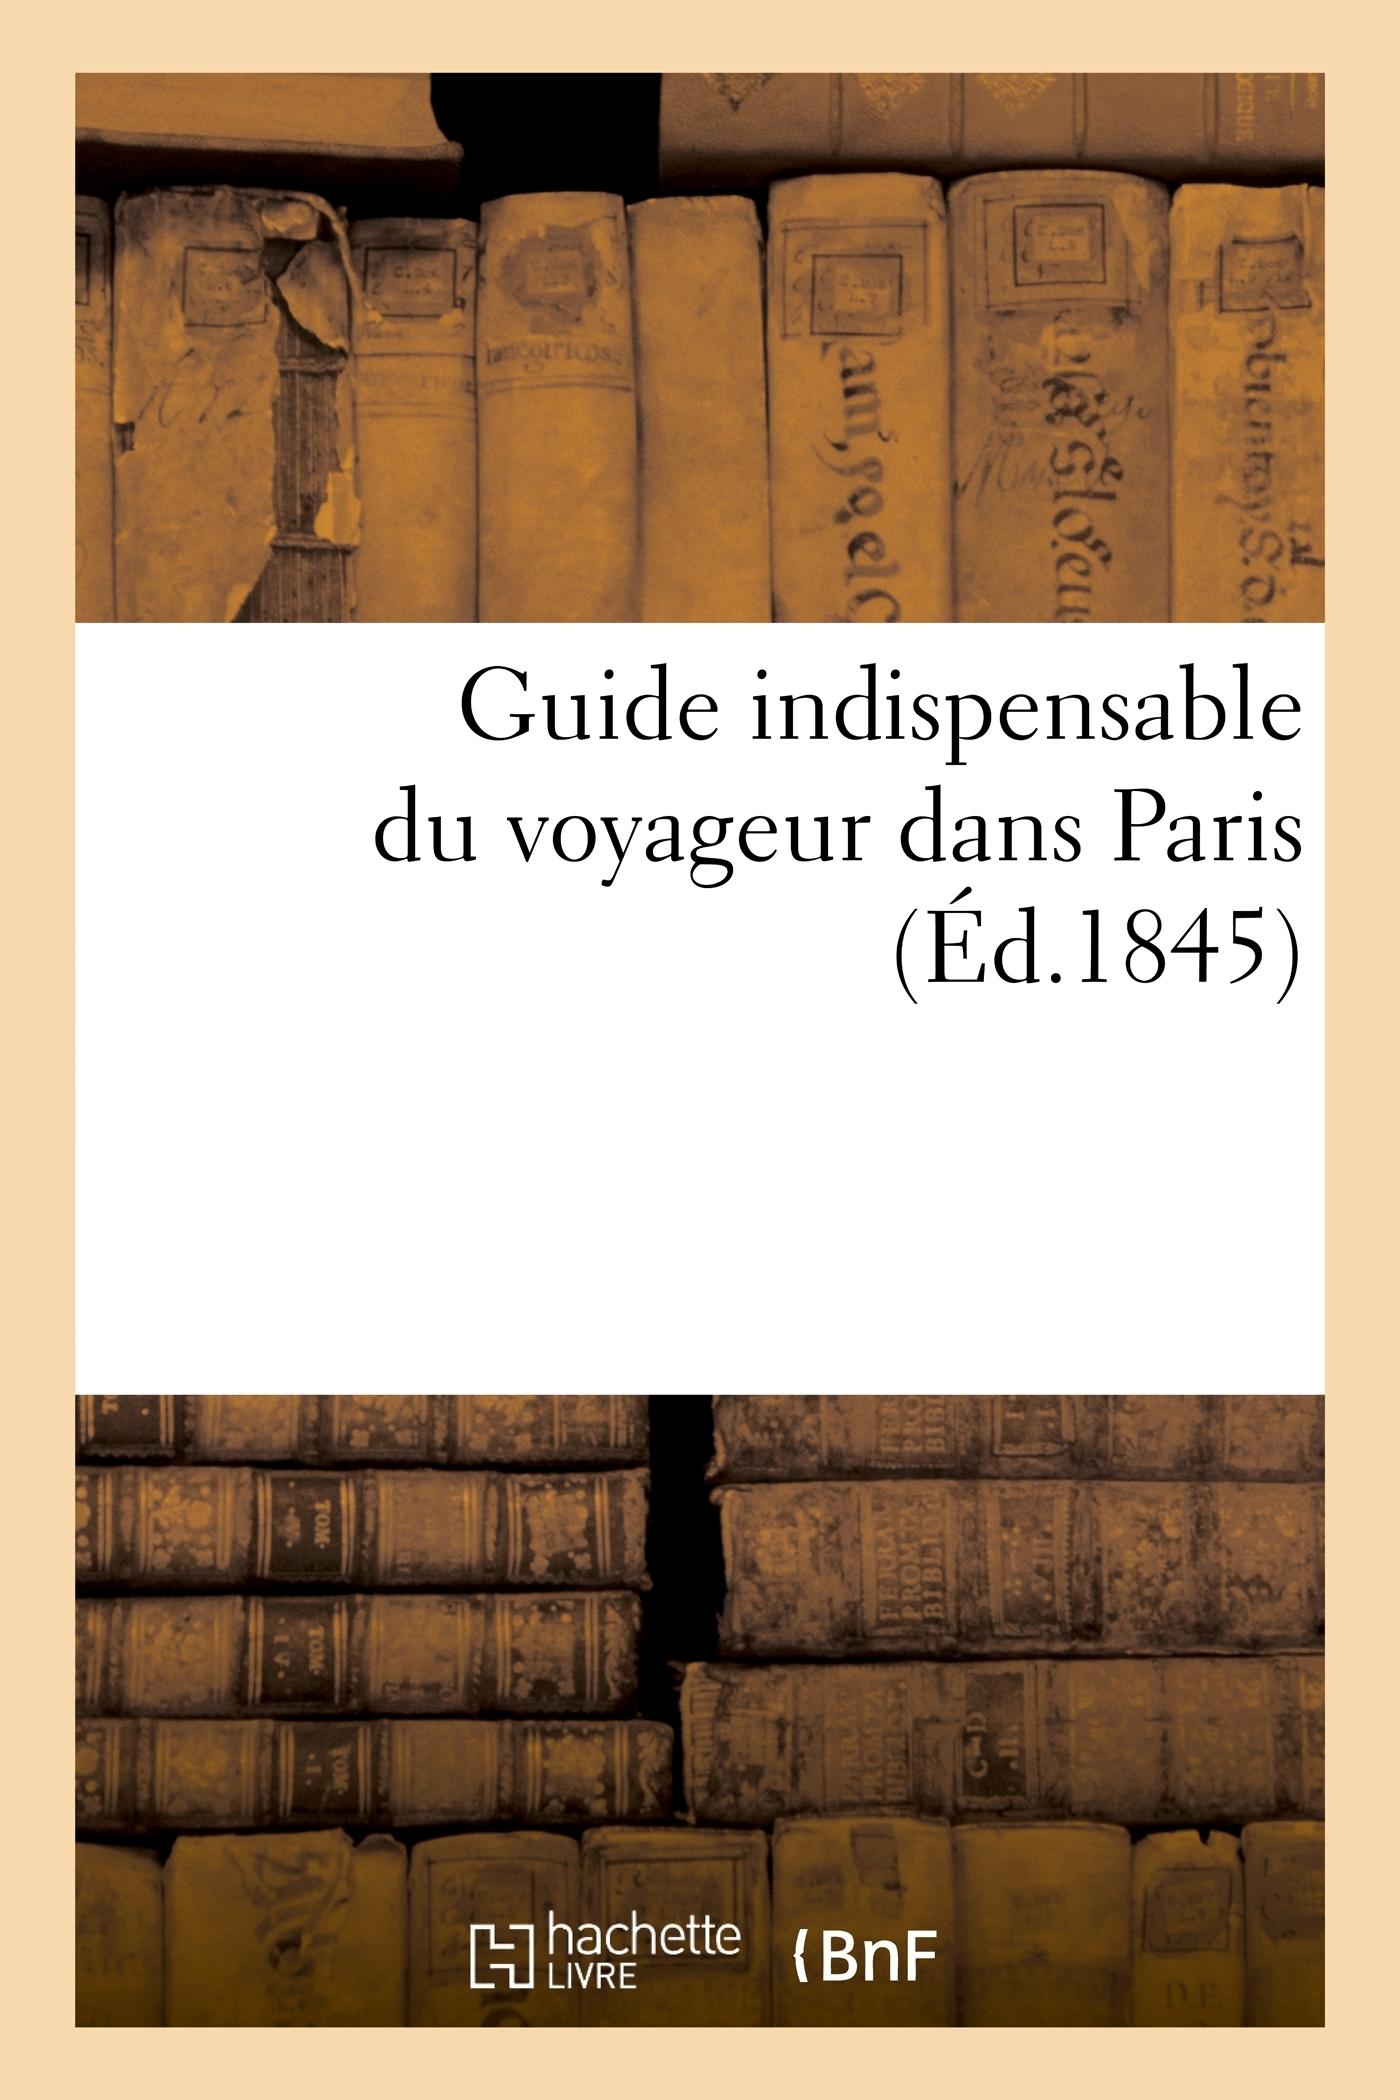 GUIDE INDISPENSABLE DU VOYAGEUR DANS PARIS - : CONTENANT LES NOMS DE TOUTES LES RUES ANCIENNES ET NO